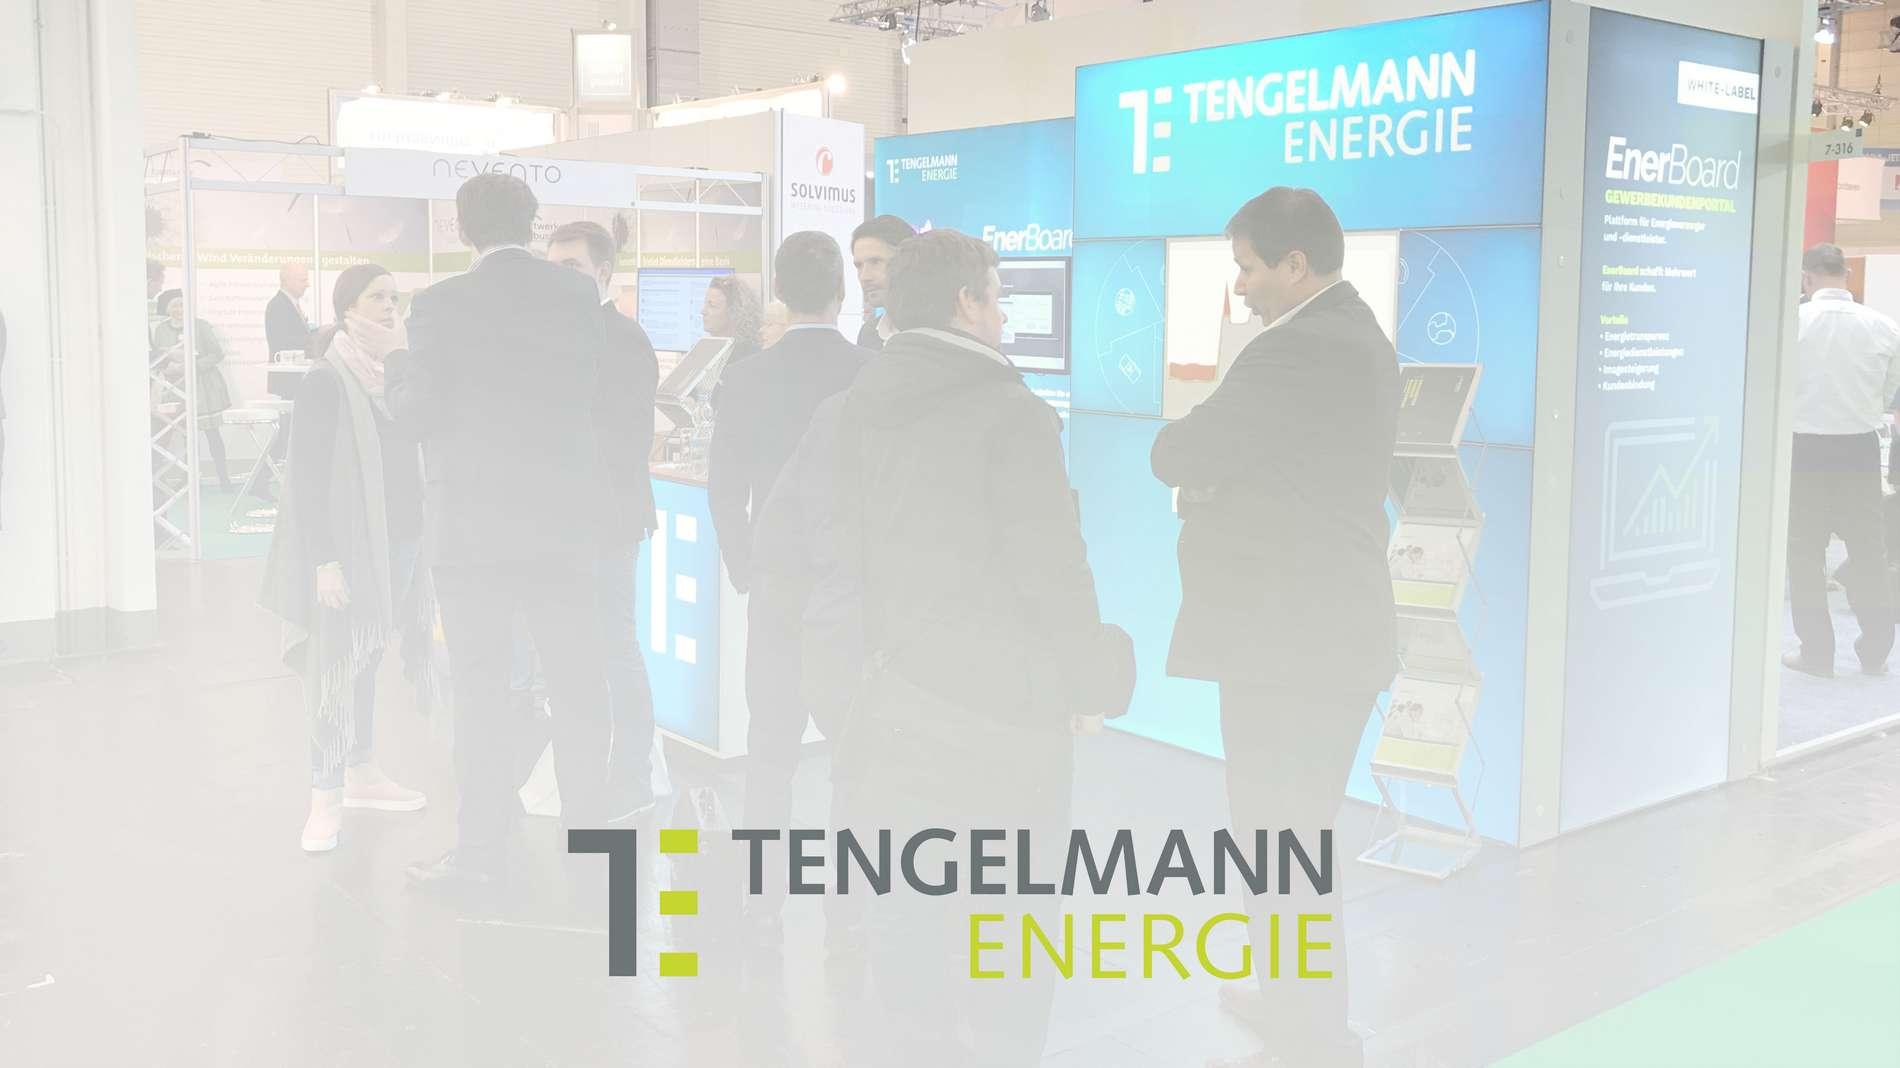 Tengelmann Energie auf der E-World 2019 – Halle 4 / Stand: 4-125